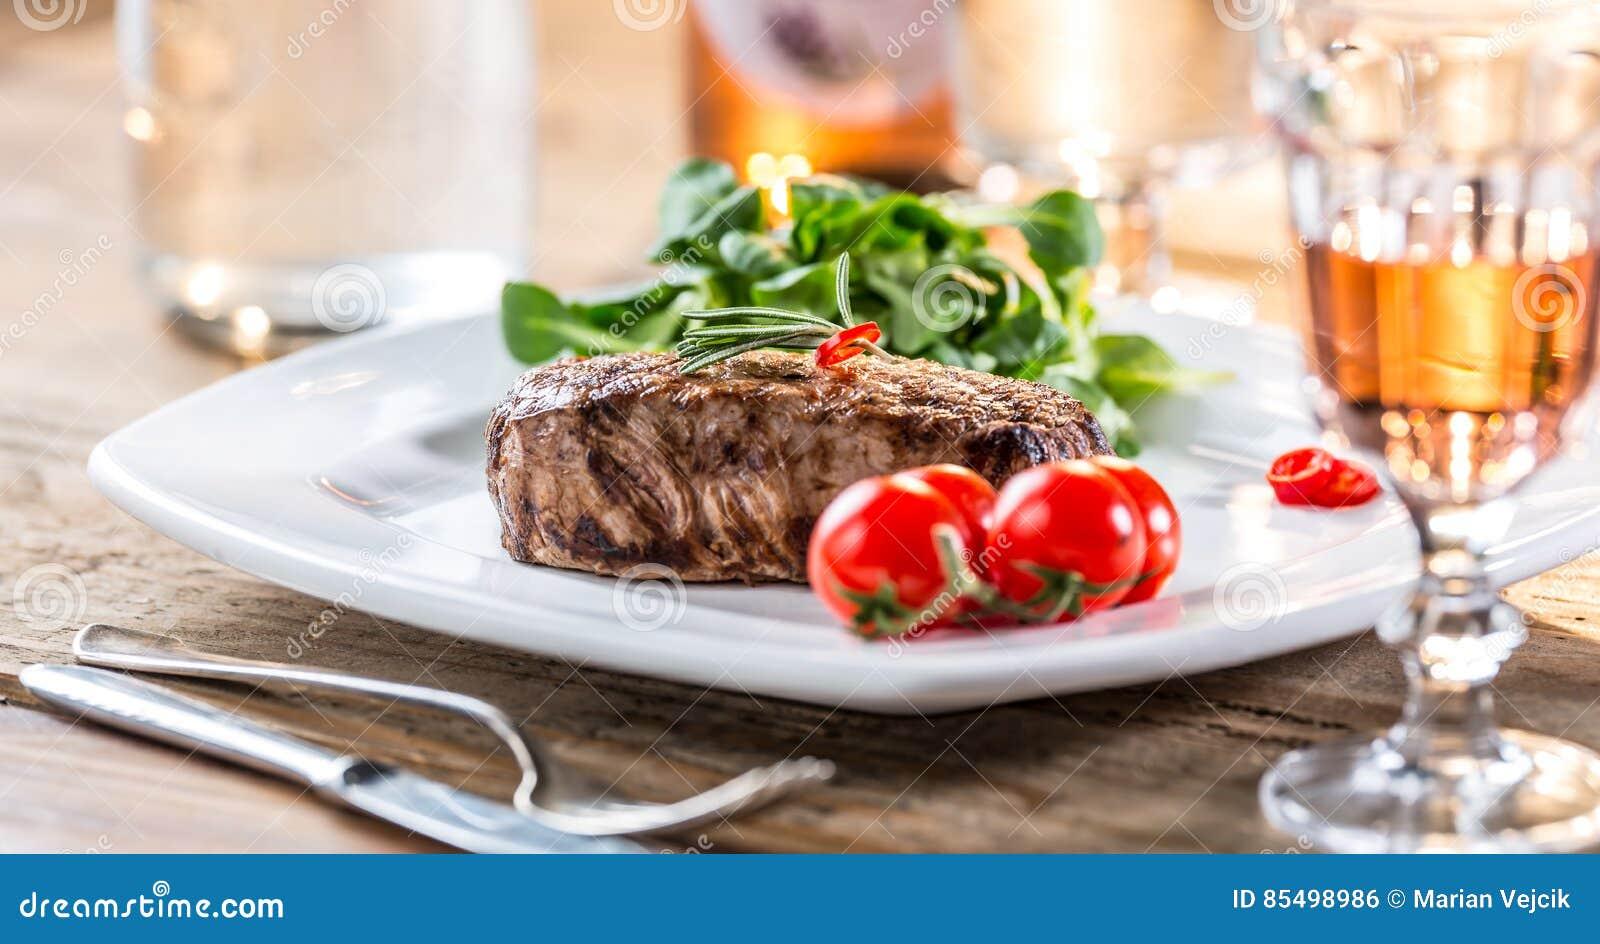 Het lapje vlees van het rundvlees Sappig rundvleeslapje vlees Gastronomisch lapje vlees met groenten en glas roze wijn op houten